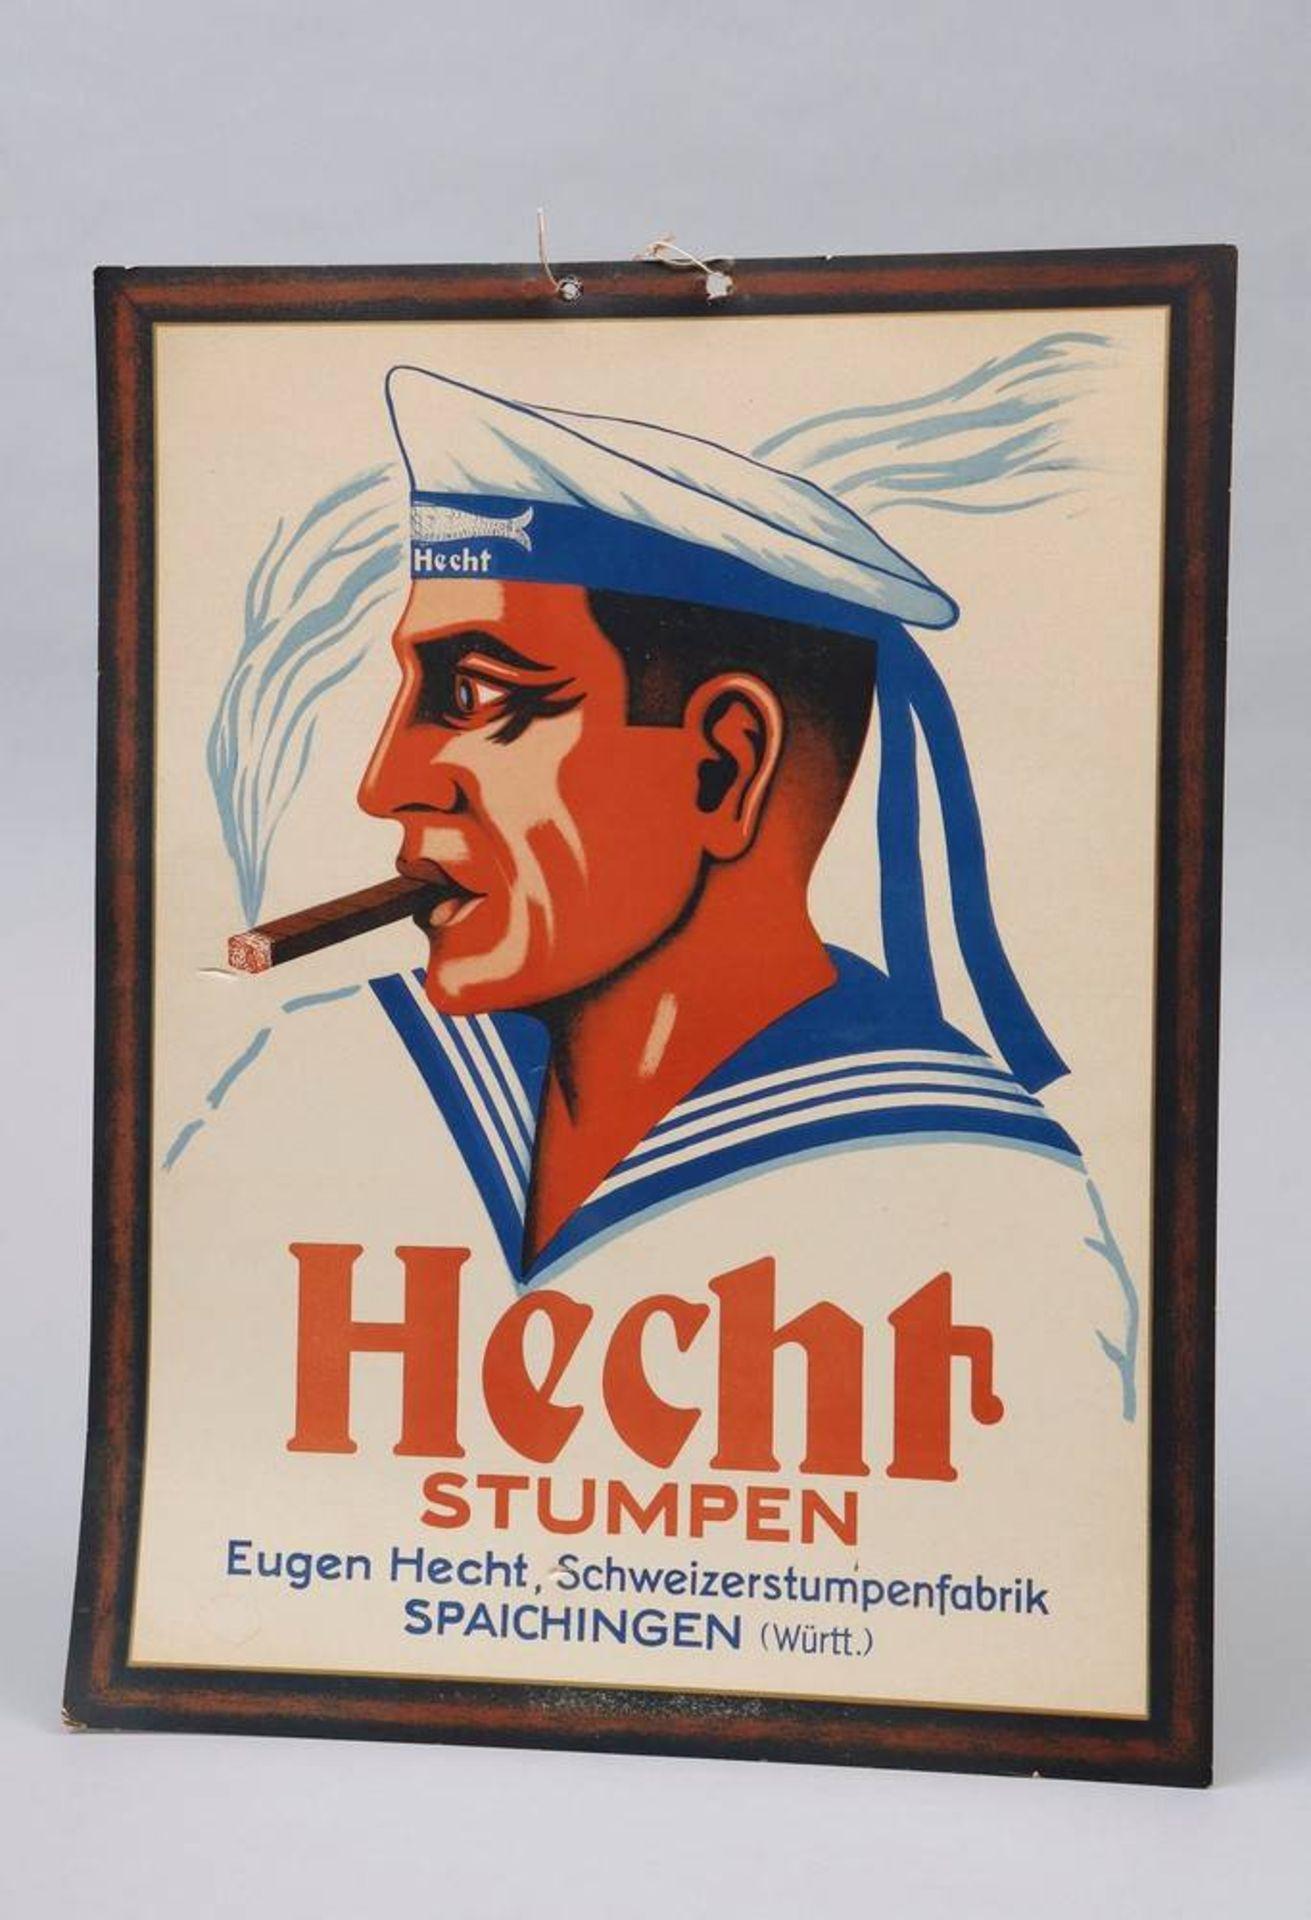 Zigarrenwerbung, Eugen Hecht, Spaichingen, 1. Hälfte 20.Jh.